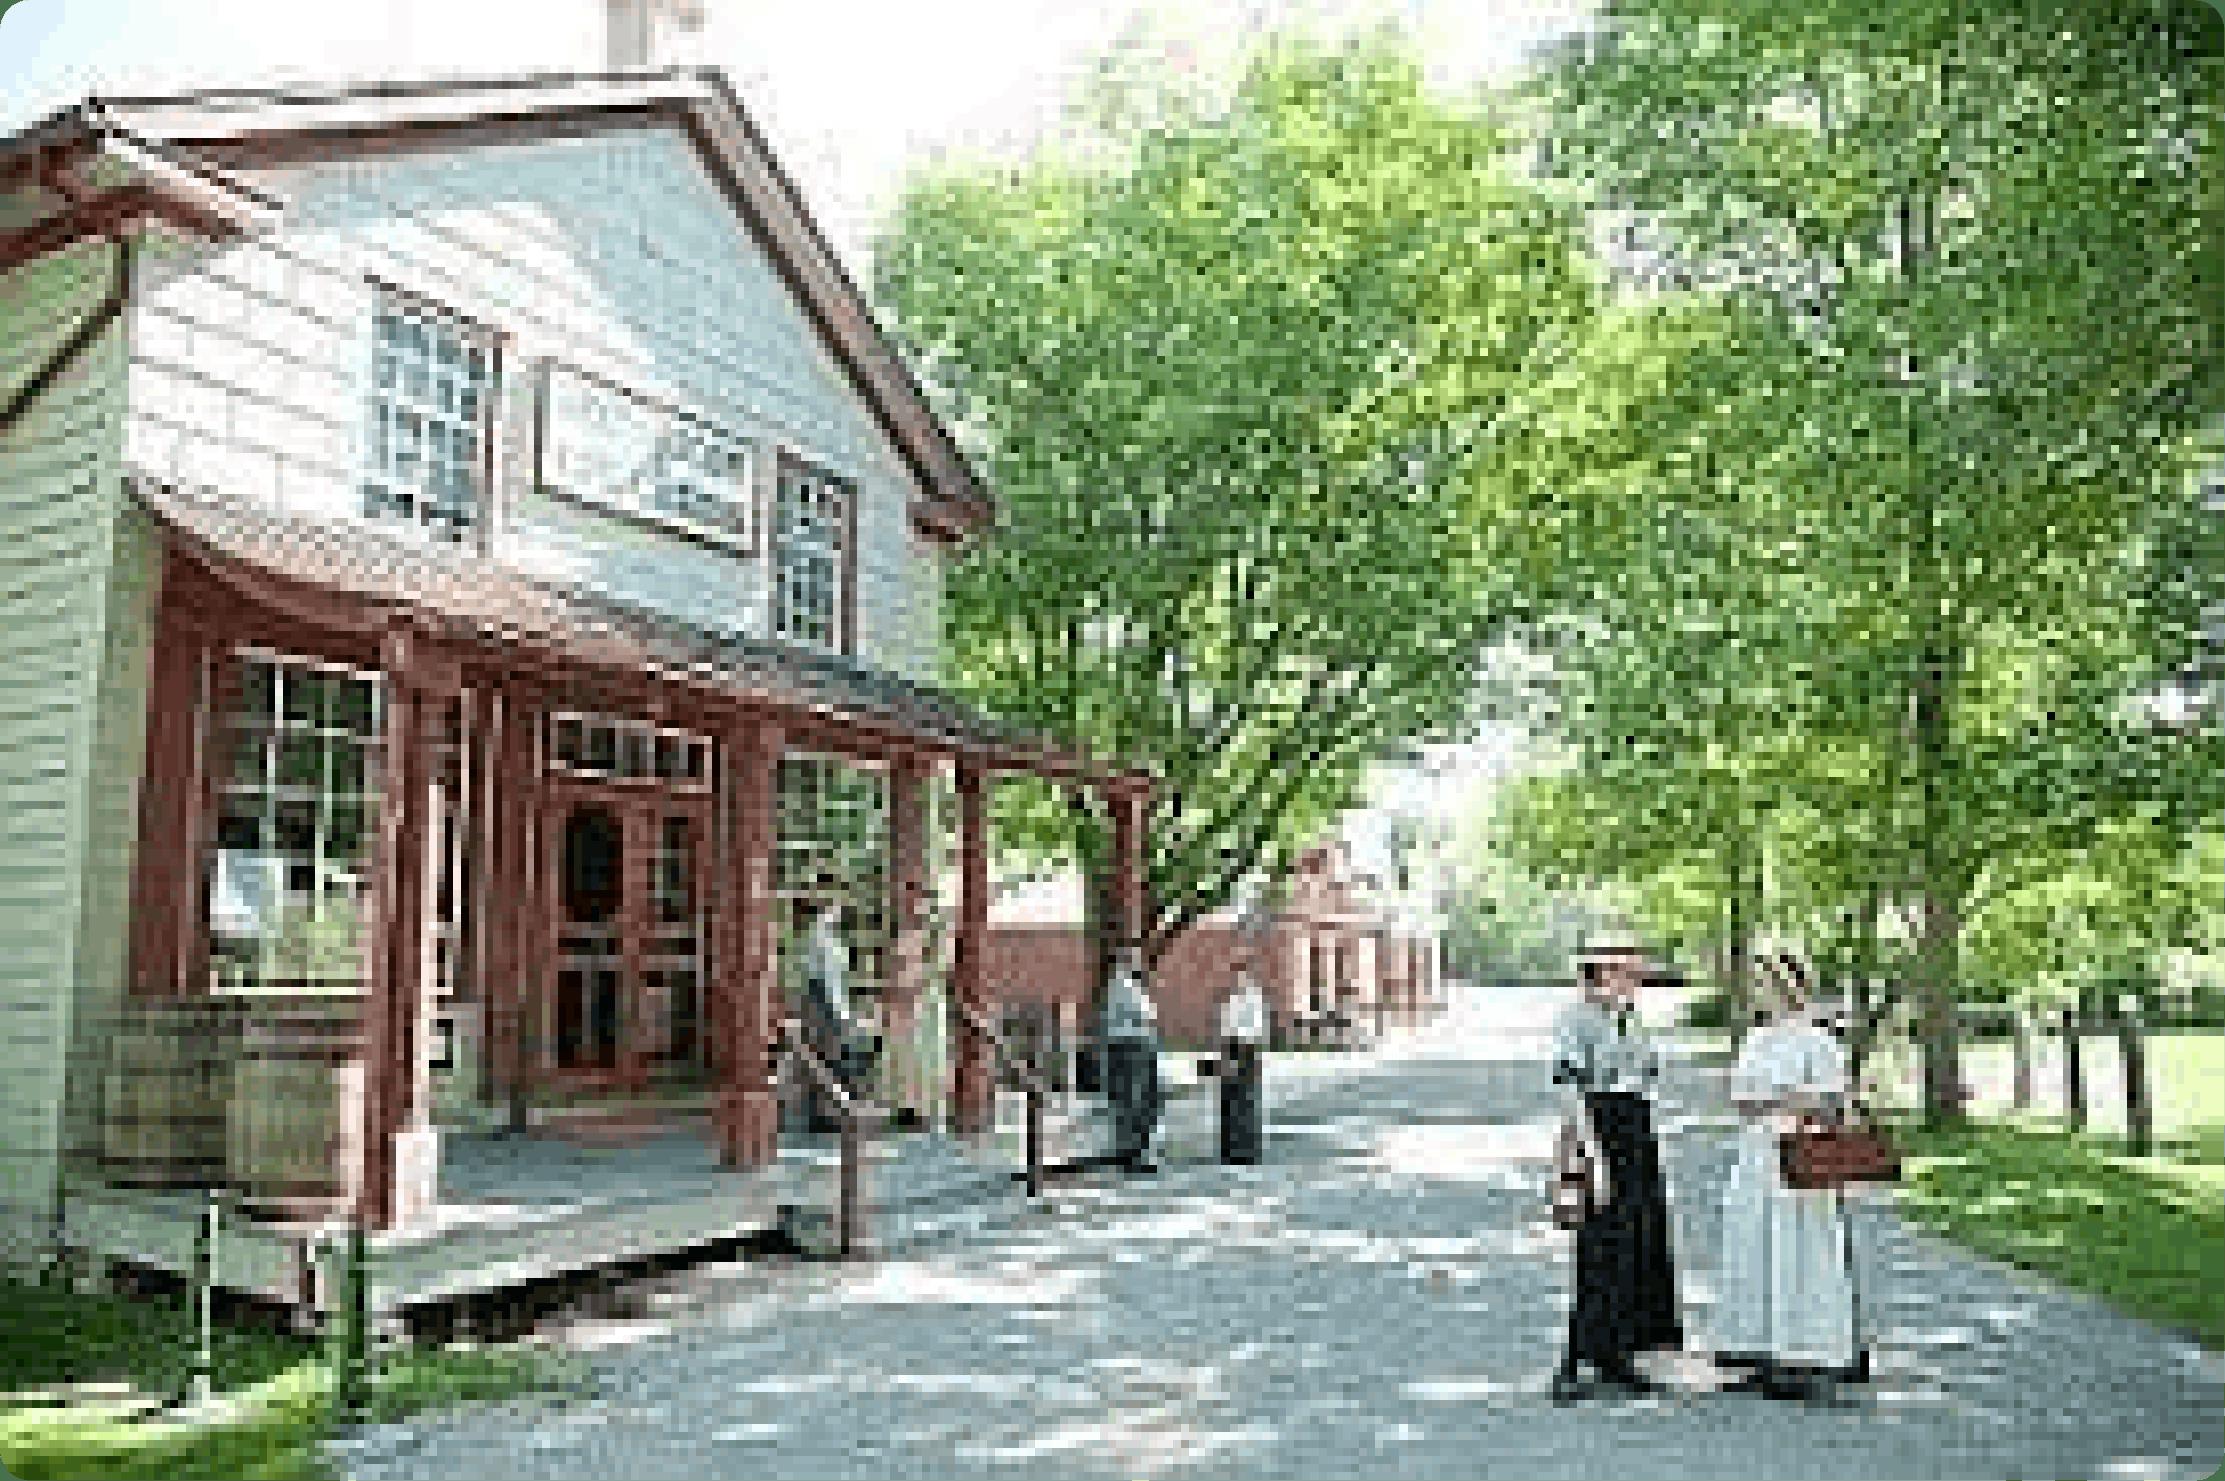 Heritage Village in Kitchener